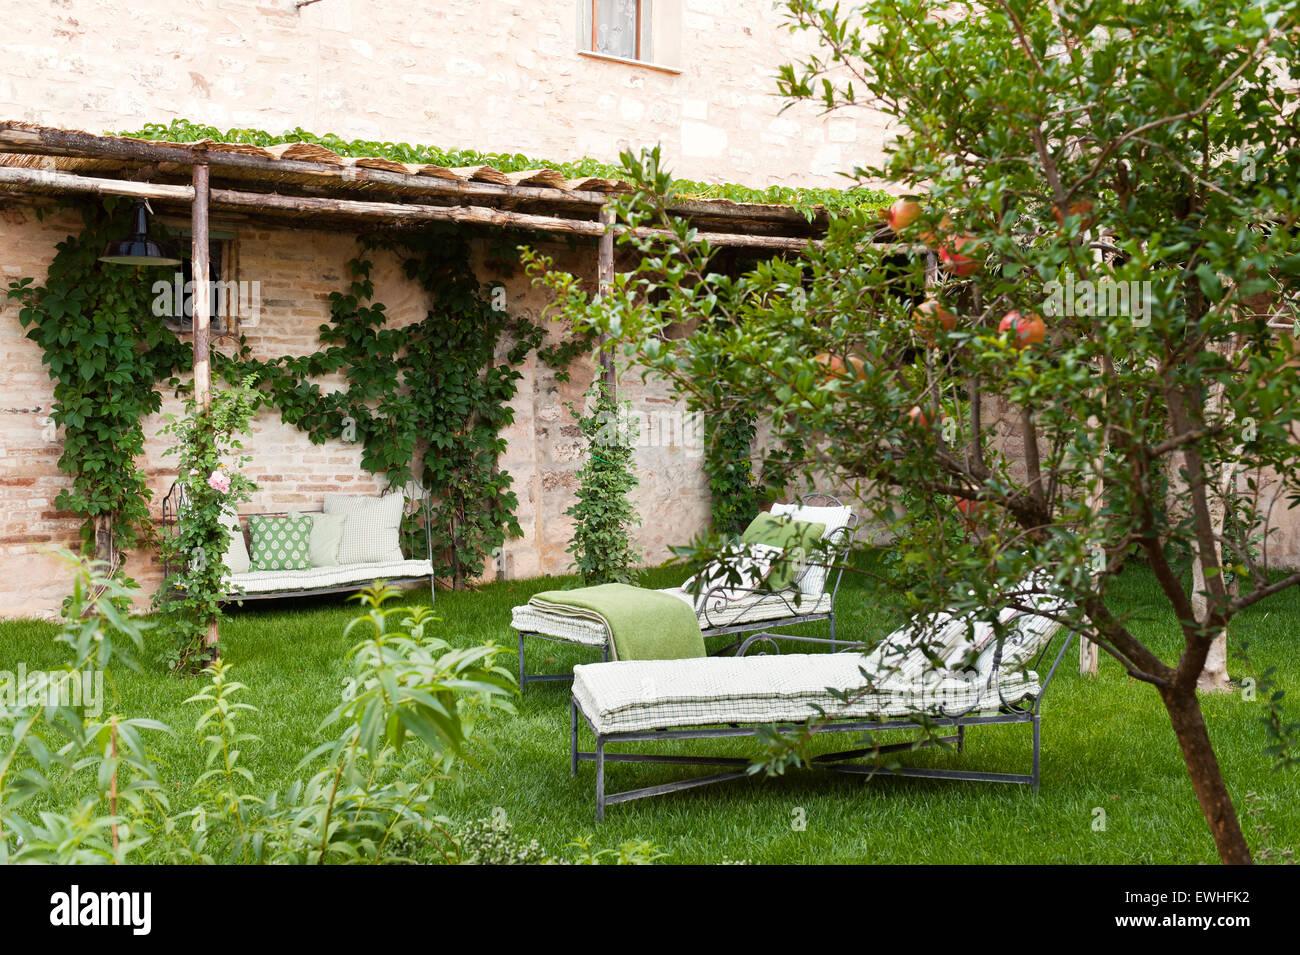 Lettini Per Prendere Il Sole In Giardino Con Alberi Di Arancio Foto